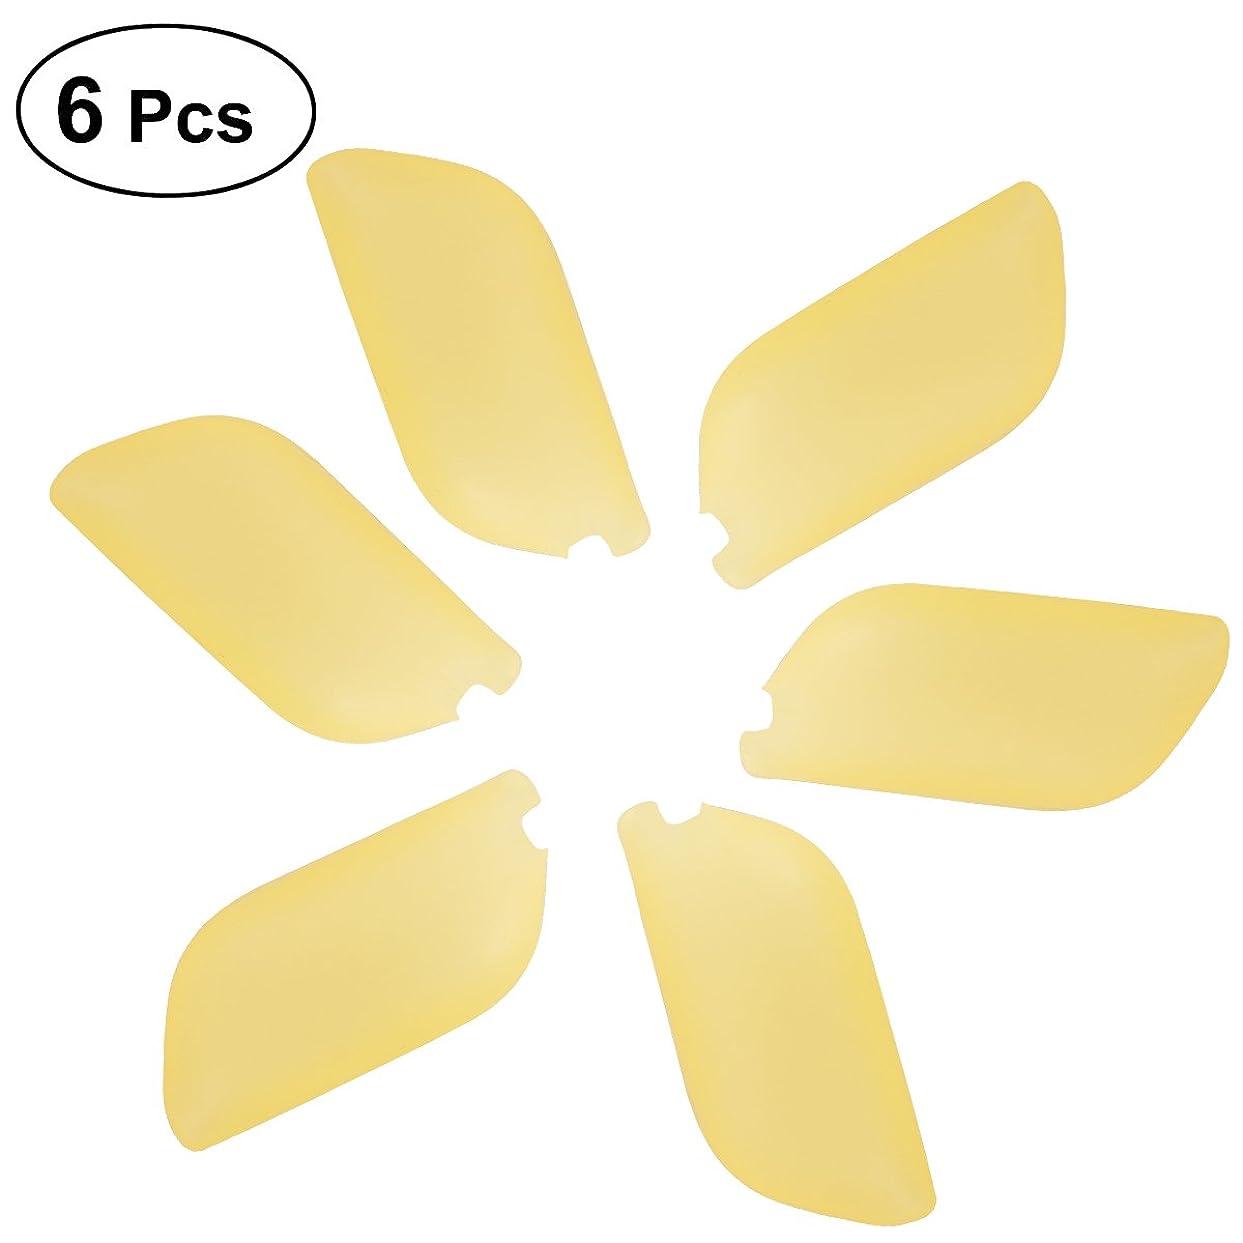 冷ややかなバトル飛び込むHEALLILYシリコン歯ブラシヘッドカバーホルダー歯ブラシ保護カバー保護ケース用歯ブラシ6本